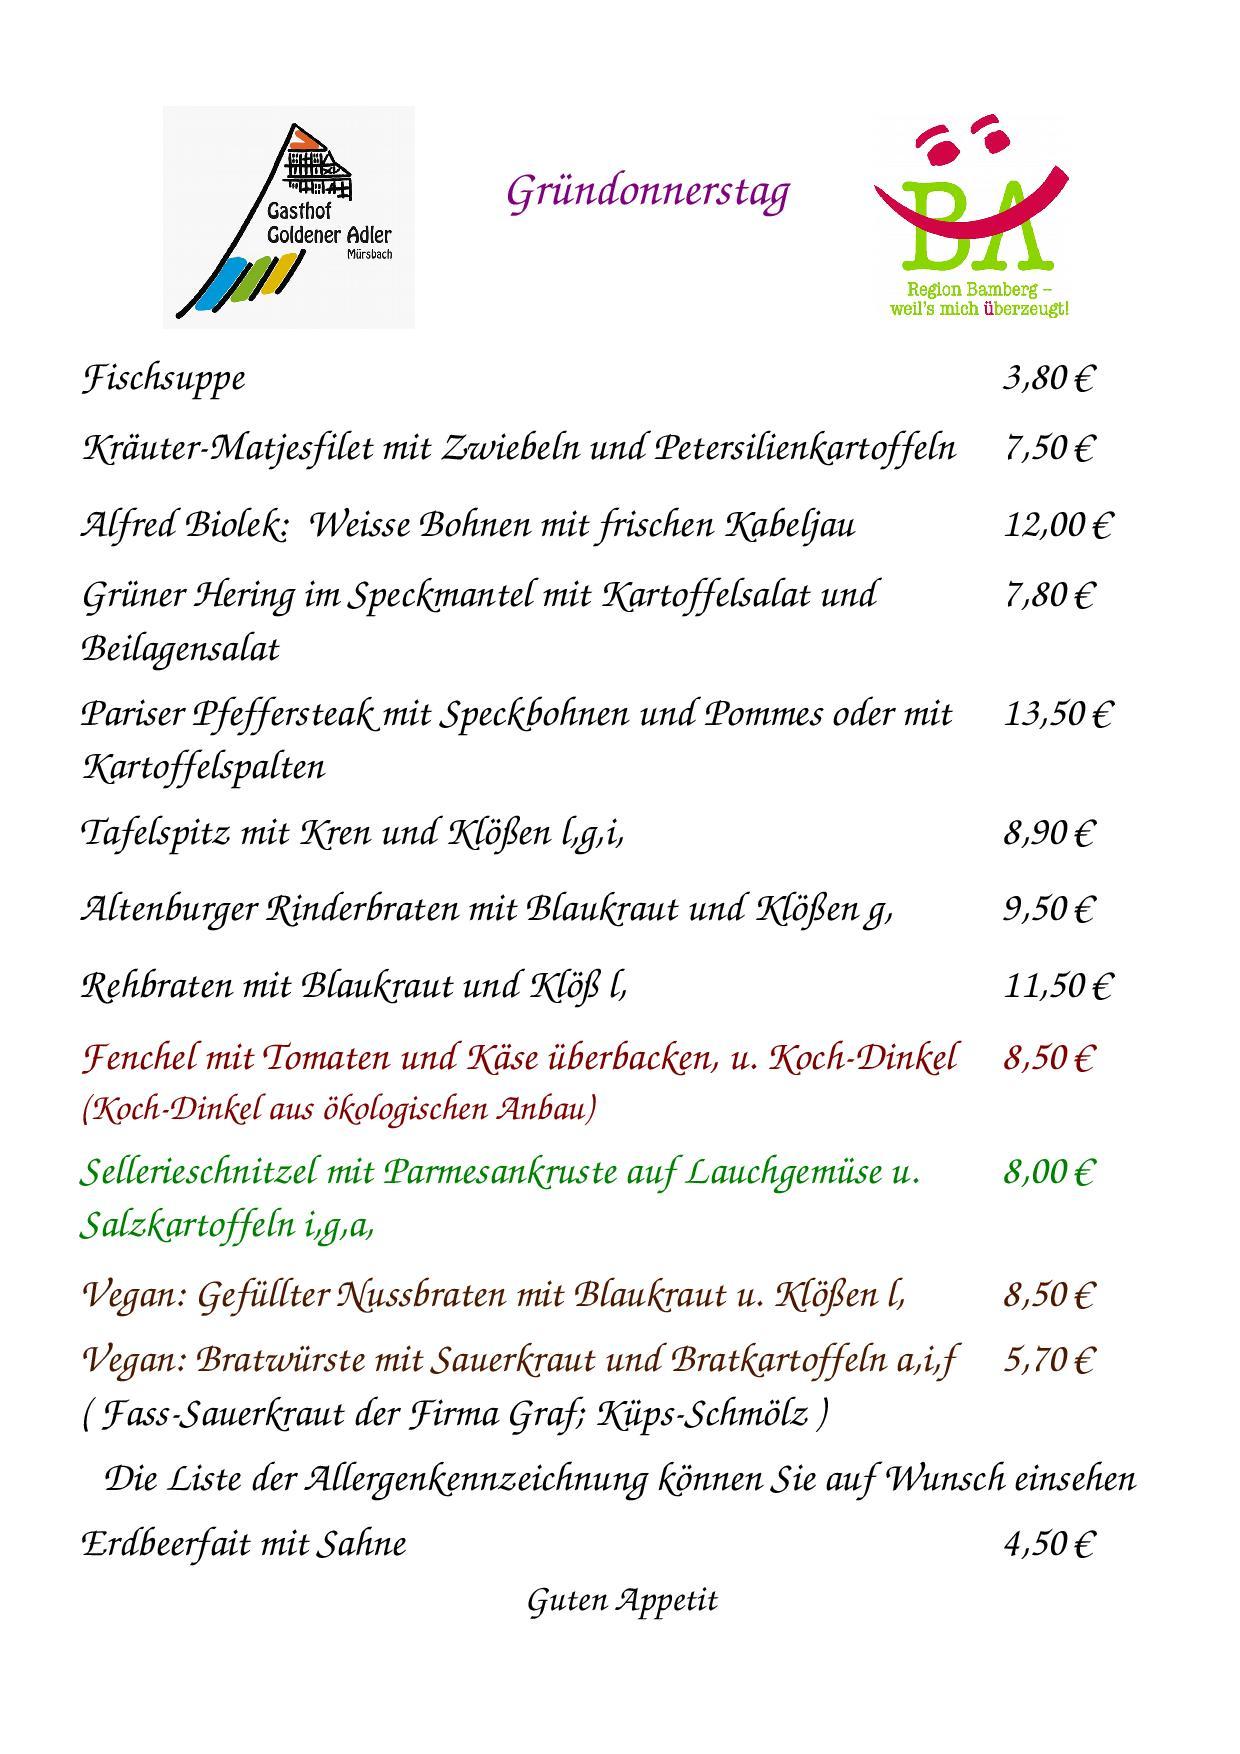 Speisekarte für Gründonnerstag 29.3.2018